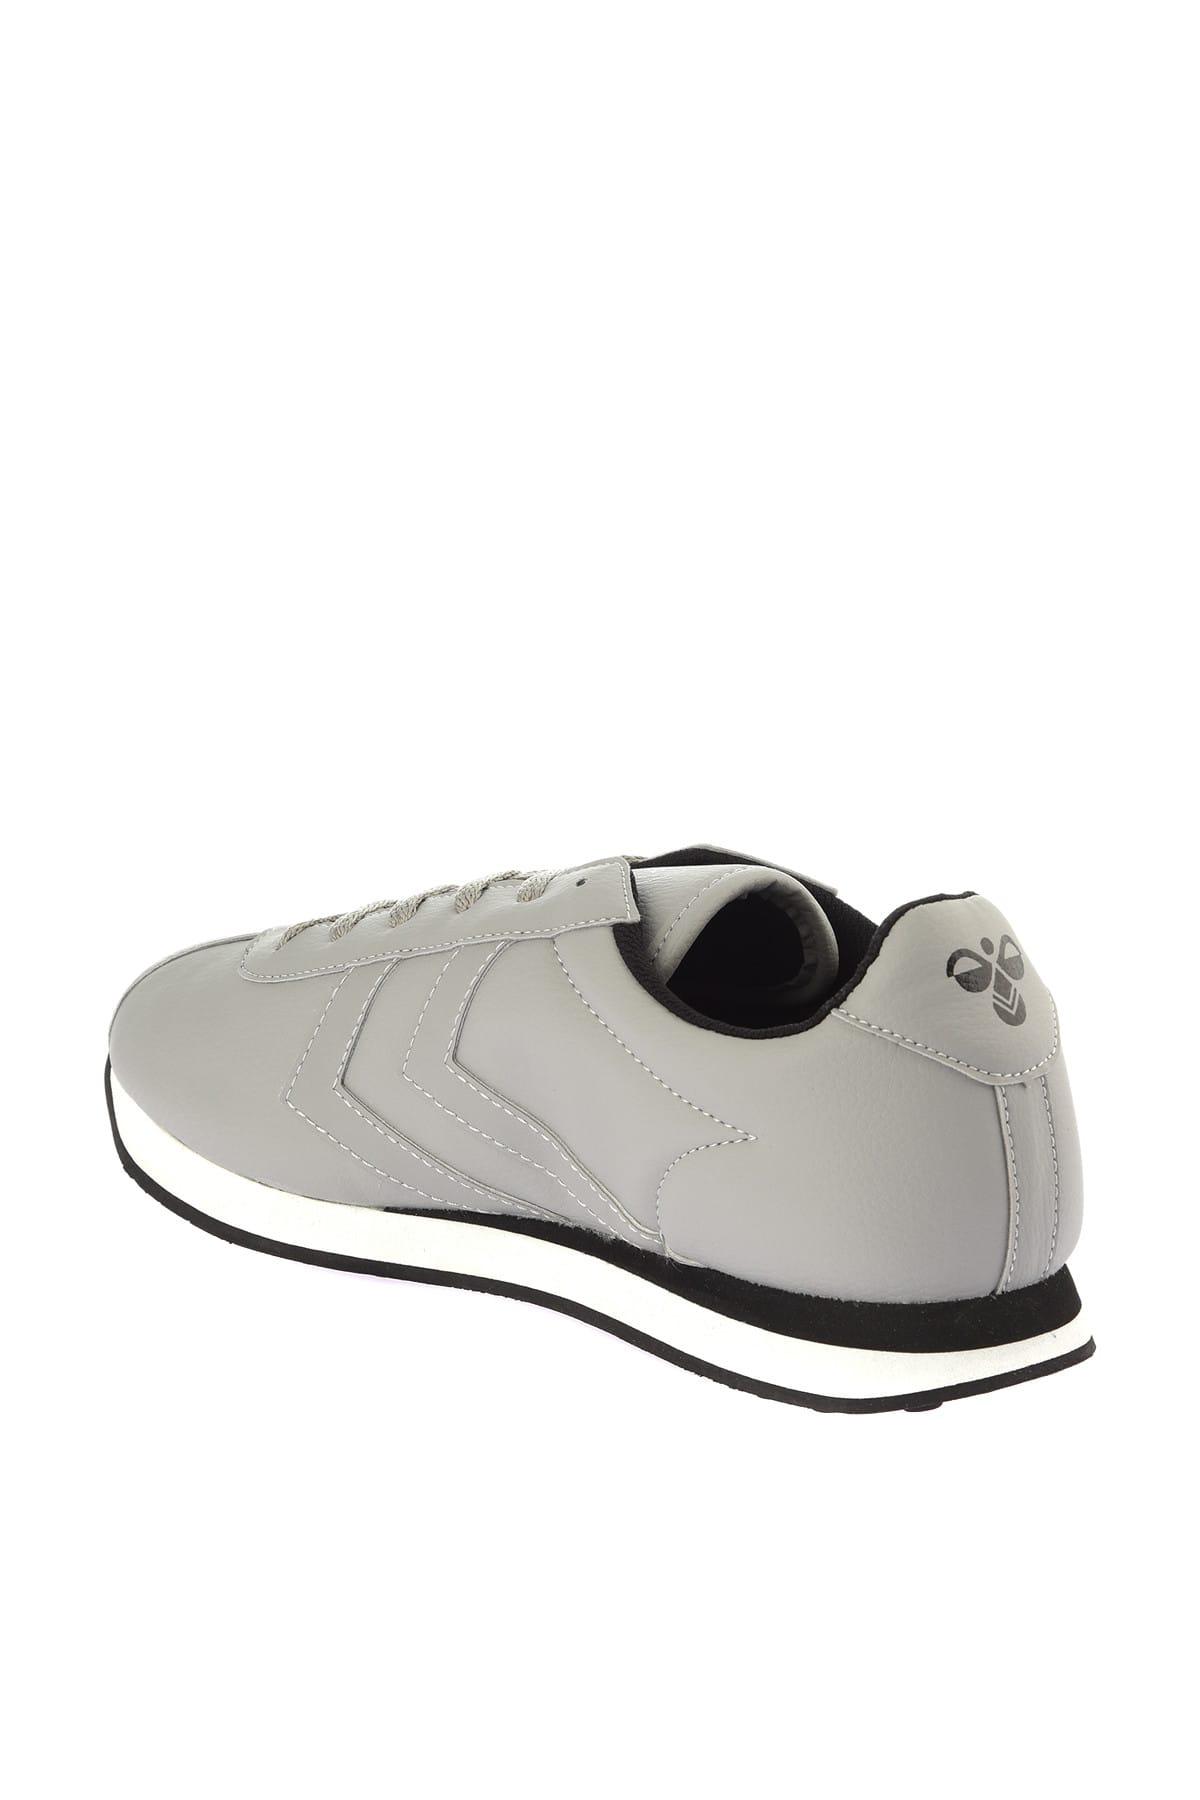 HUMMEL Unisex Gri Spor Ayakkabı - Hmlray Spor Ayakkabı 2